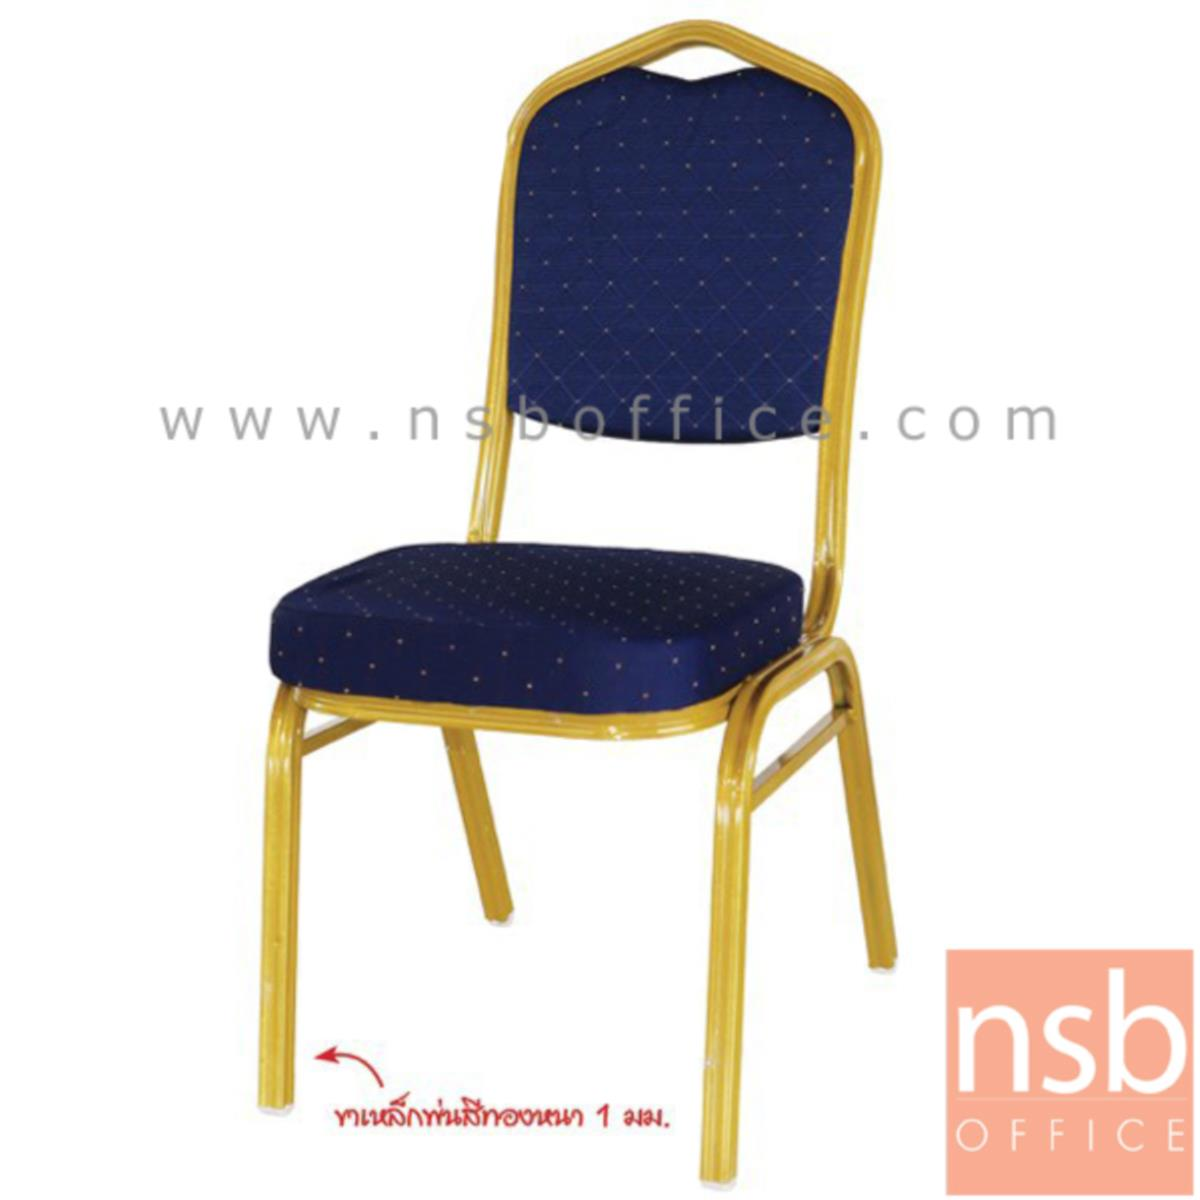 เก้าอี้อเนกประสงค์จัดเลี้ยง รุ่น Joscelyn (โจสเซลิน)  ขาเหล็กเหลี่ยมพ่นสีทอง